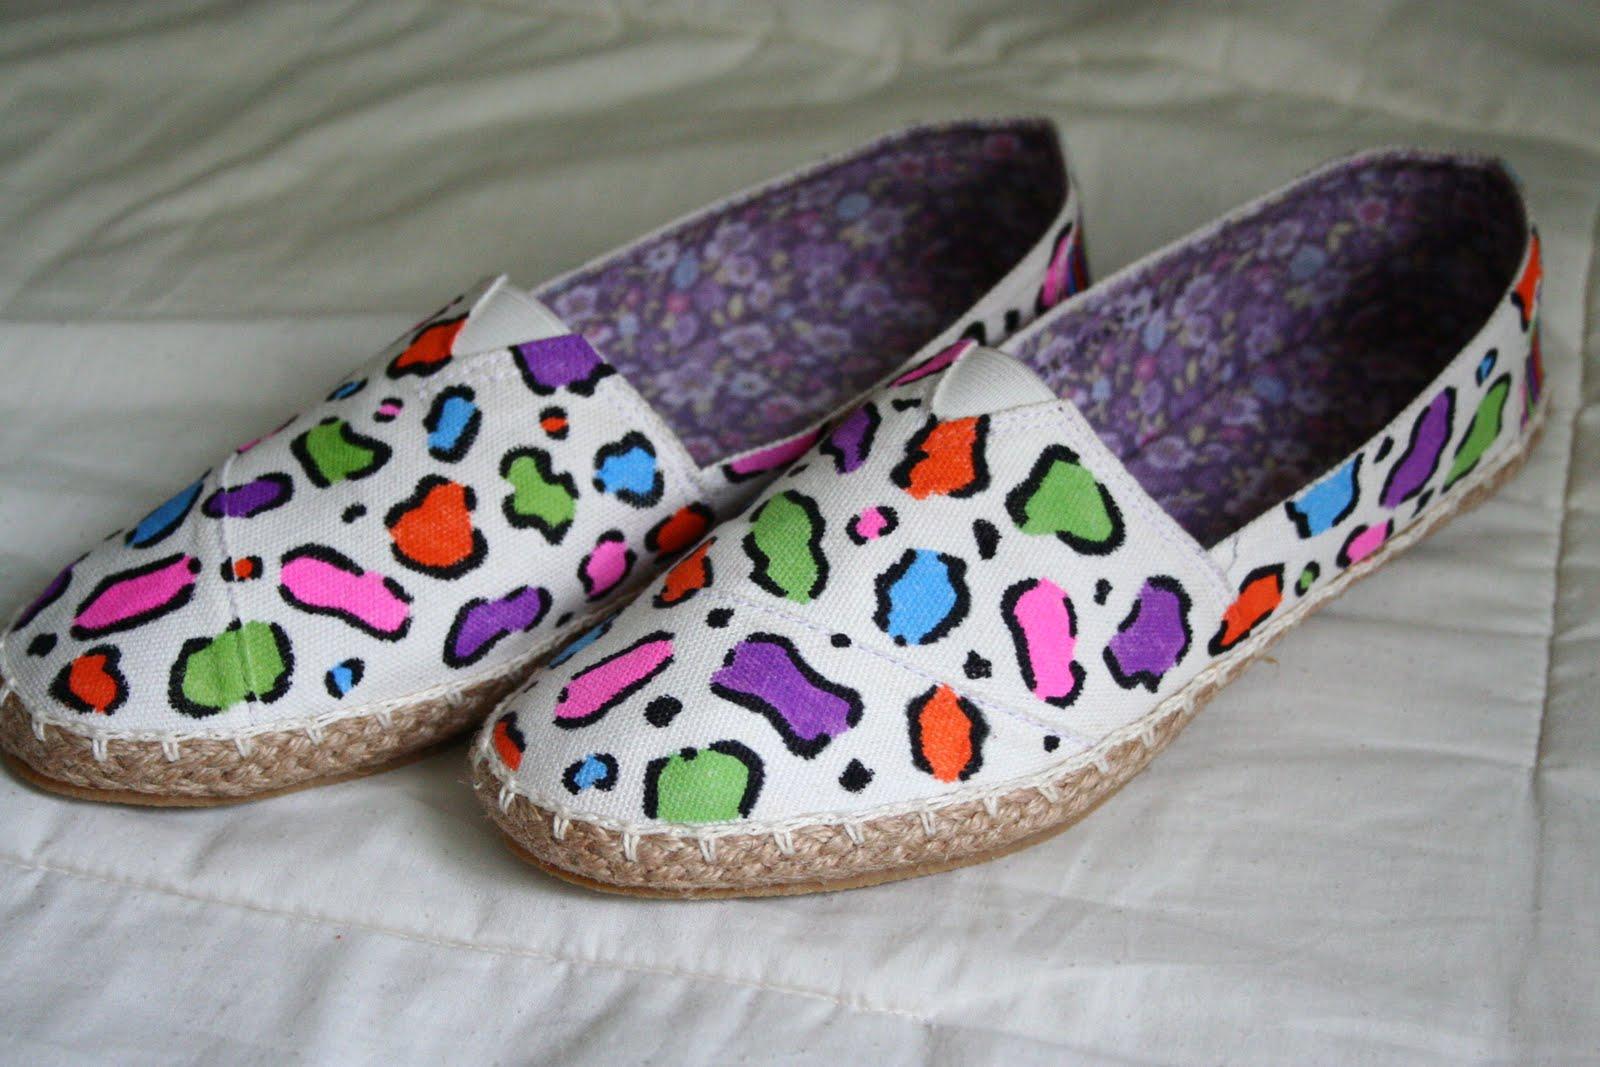 Christhingsss diy design your own espadrilles for Diy shoes design